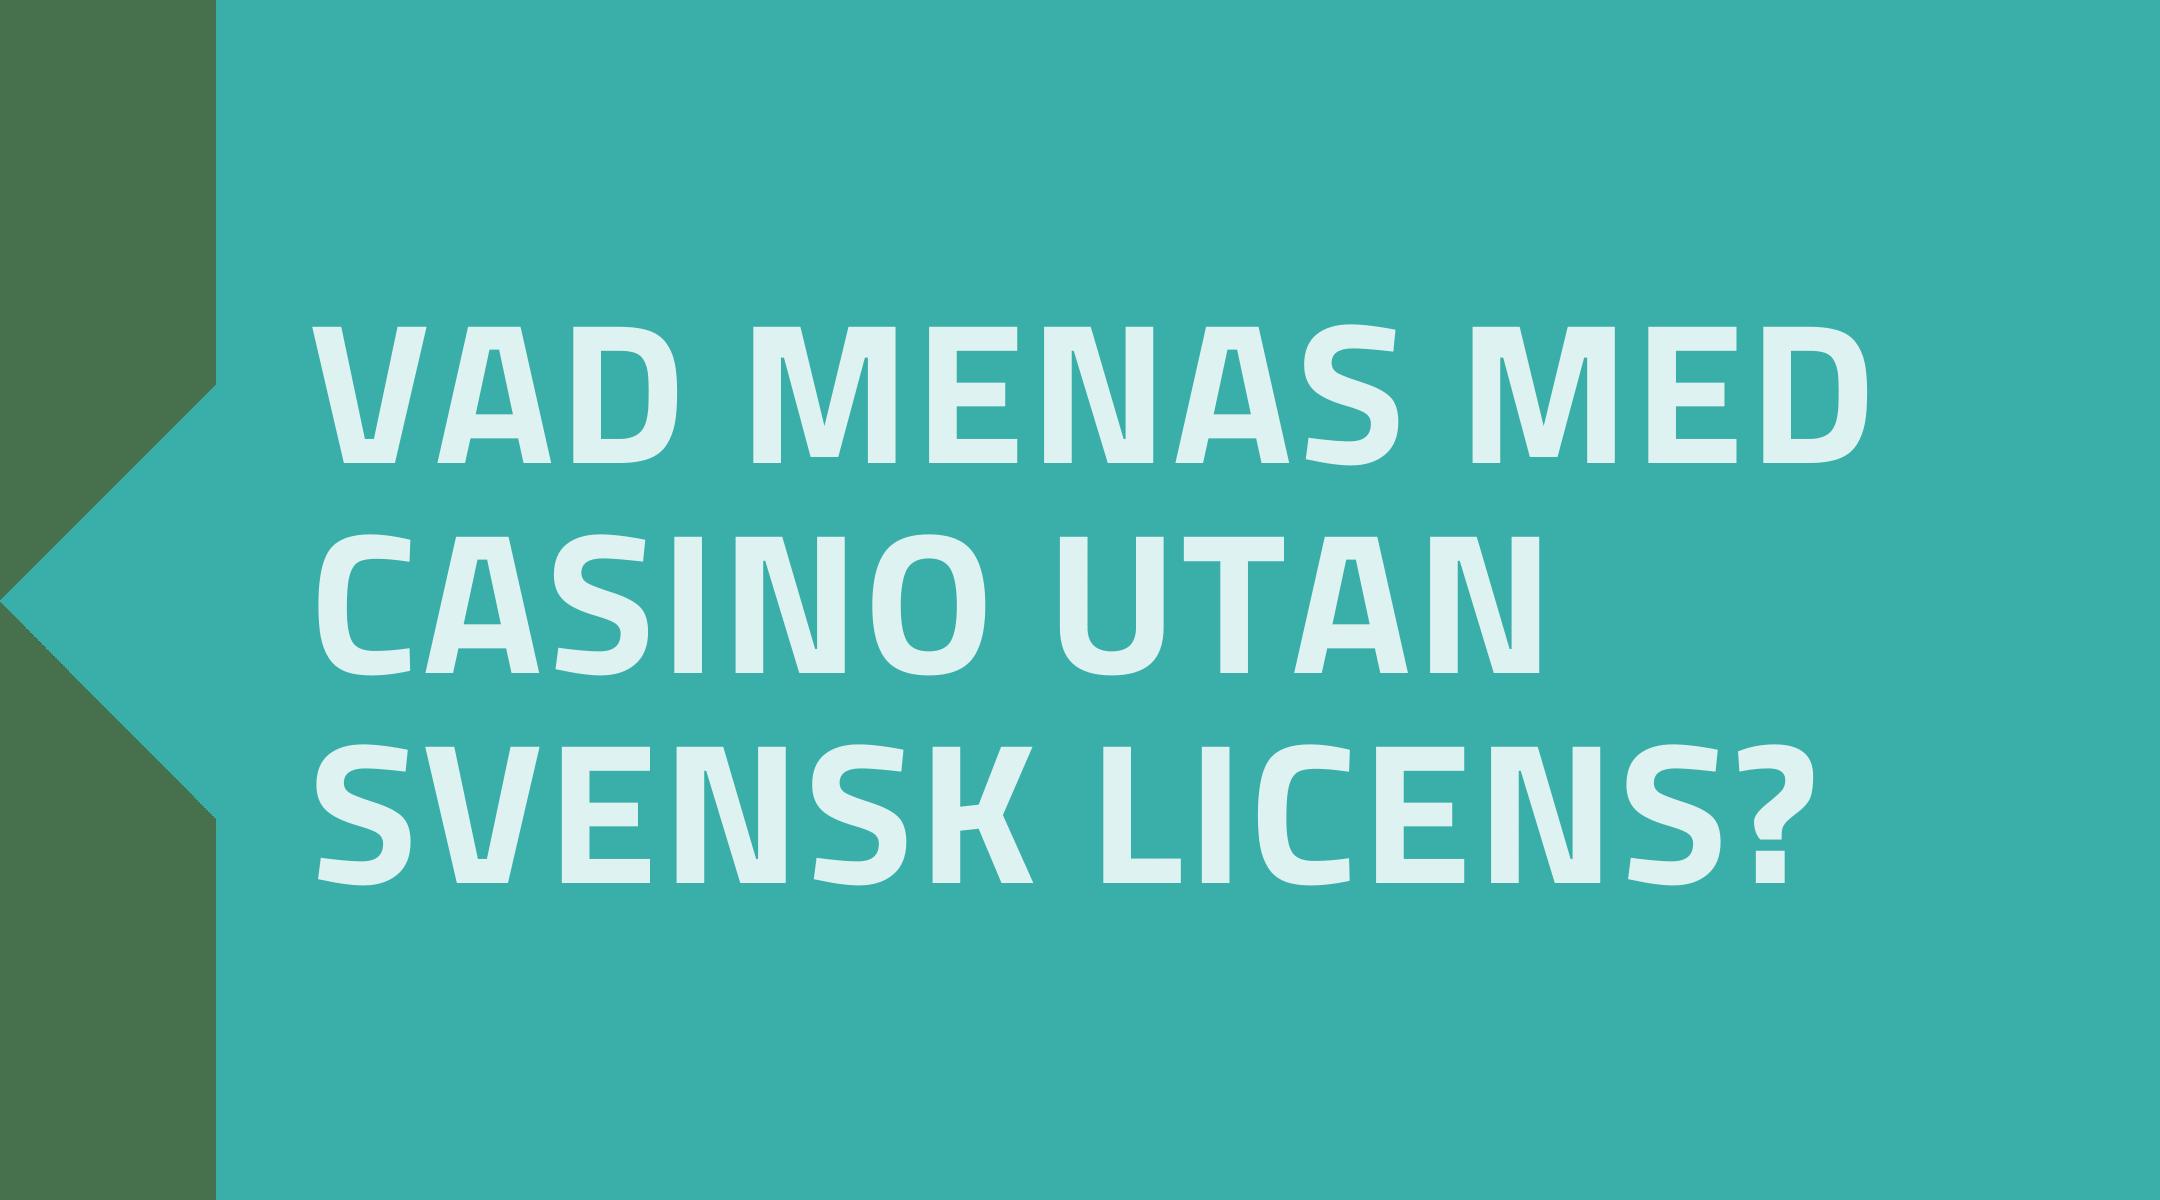 Vad menas med casino utan svensk licens?